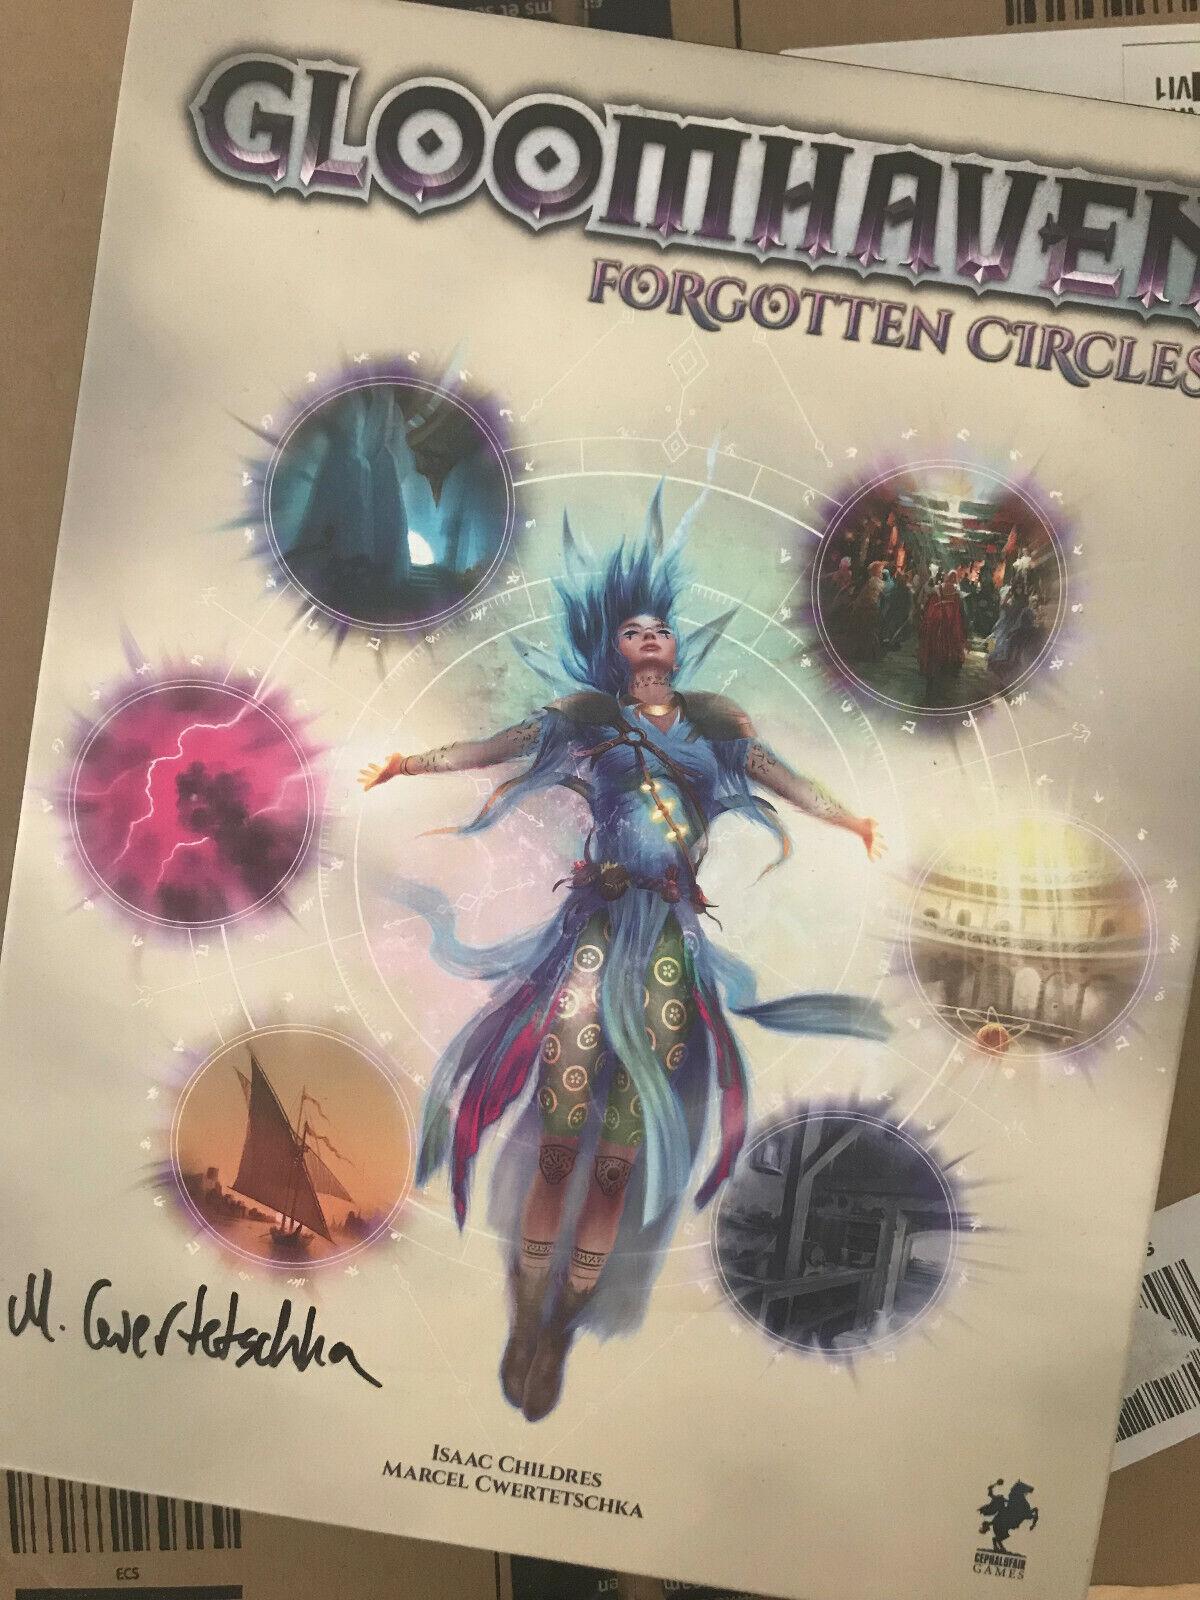 Gloomhaven   Forgotten Circles-inglese version-signed by the Creator   prezzo più economico